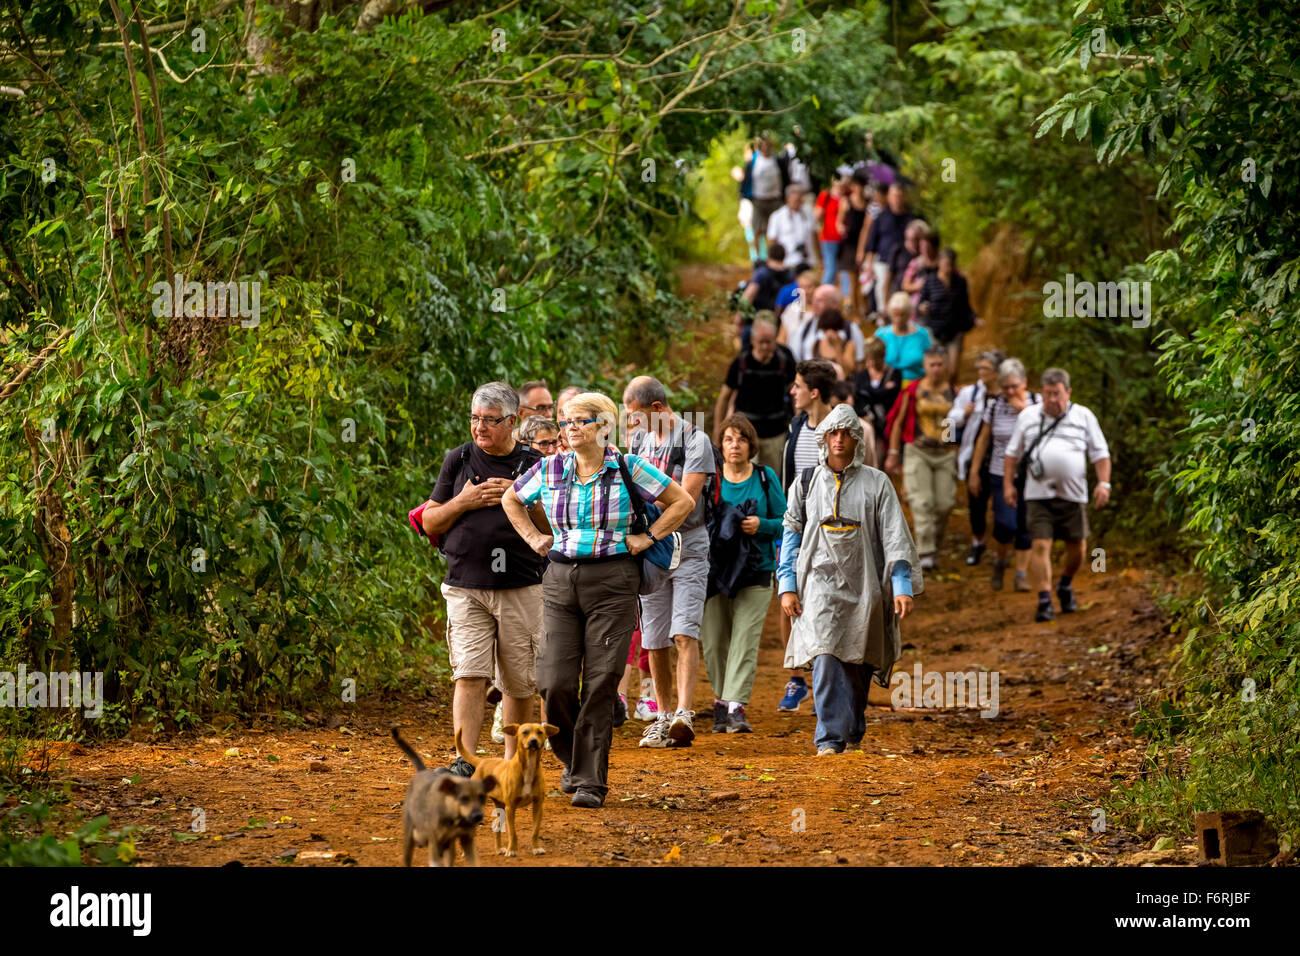 wandering tourists in Vinales, Vinales, Cuba, Pinar del Río, Cuba - Stock Image